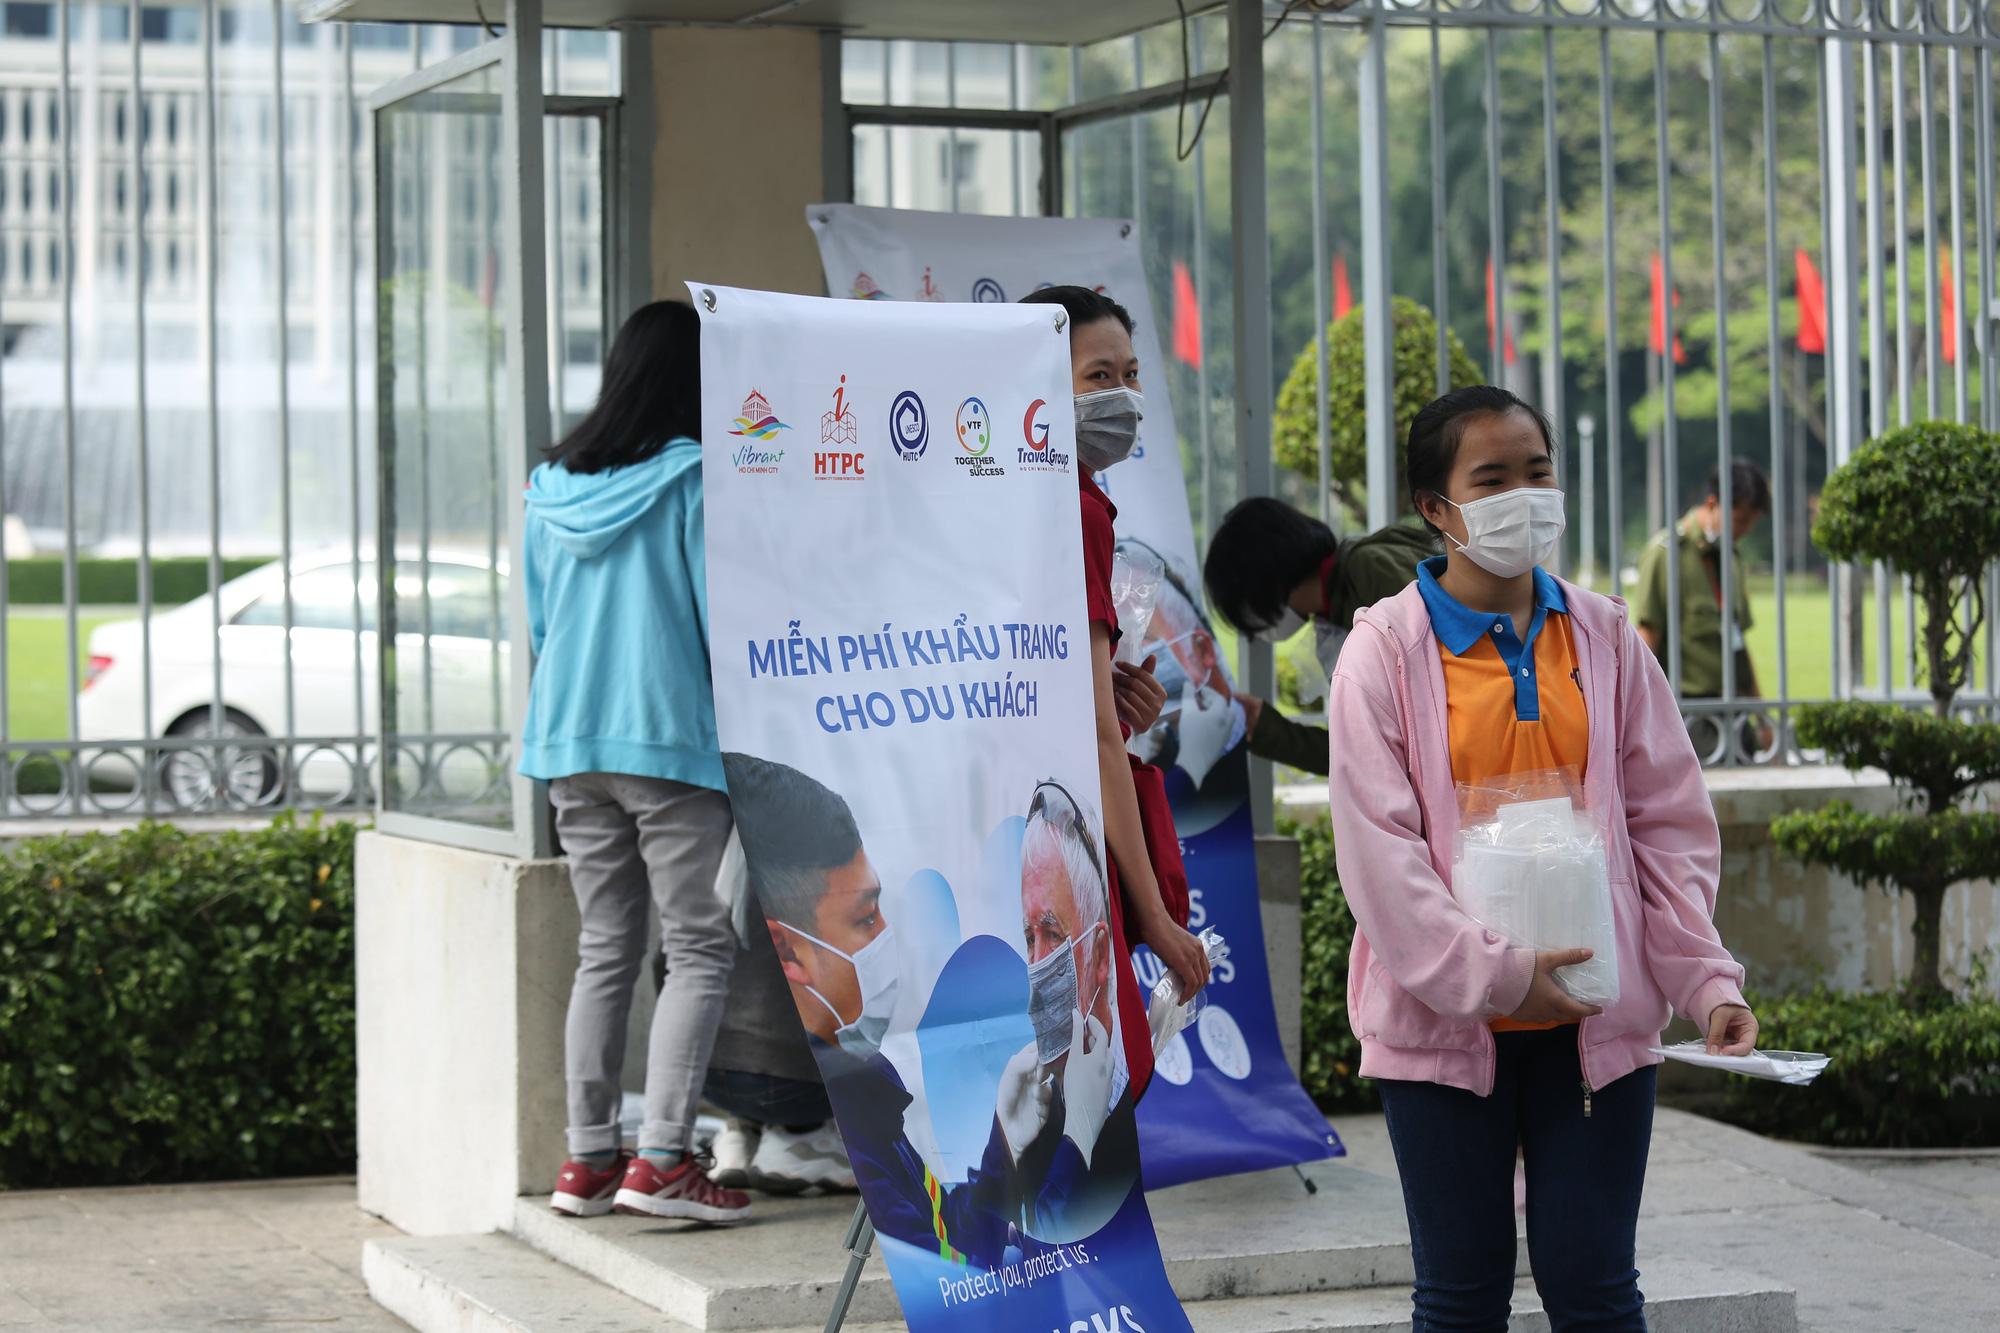 Người nước ngoài ở TP HCM đã mang kín khẩu trang khi đi chơi - Ảnh 3.